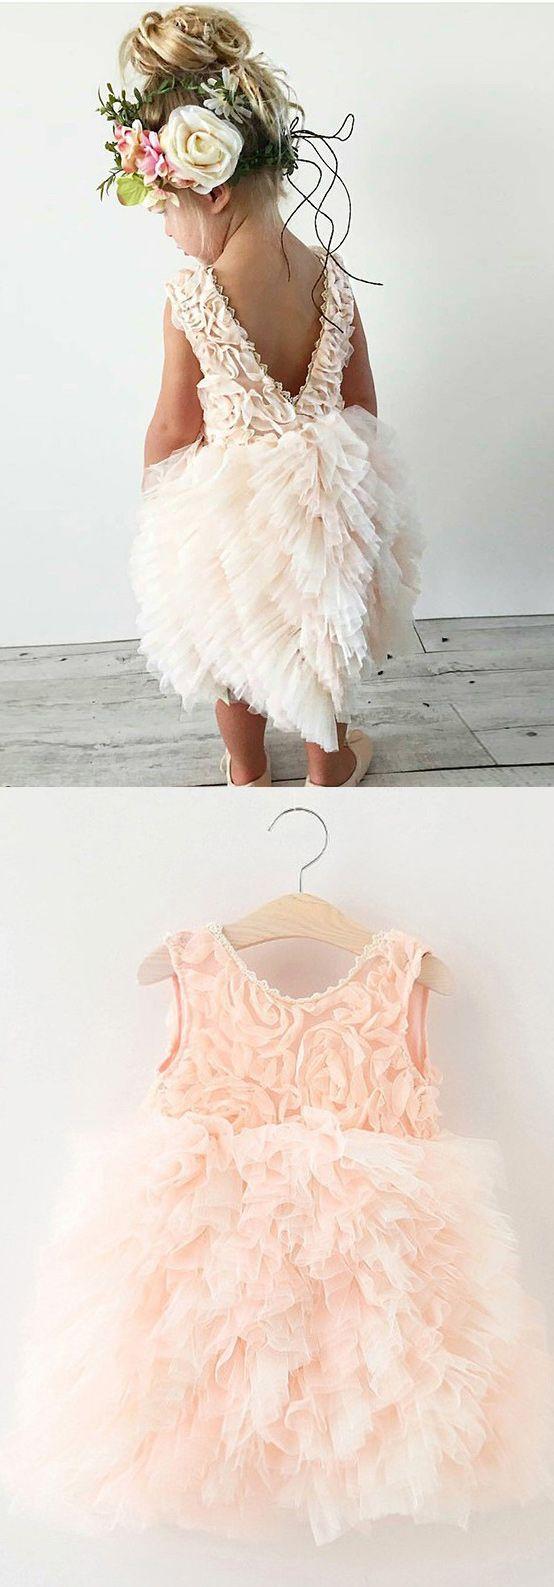 pink short flower girl dresses,cute flower girl dresses, new arrival flower girl gowns, 2017 flower girl gowns, dresses for women , women's flower girl gowns